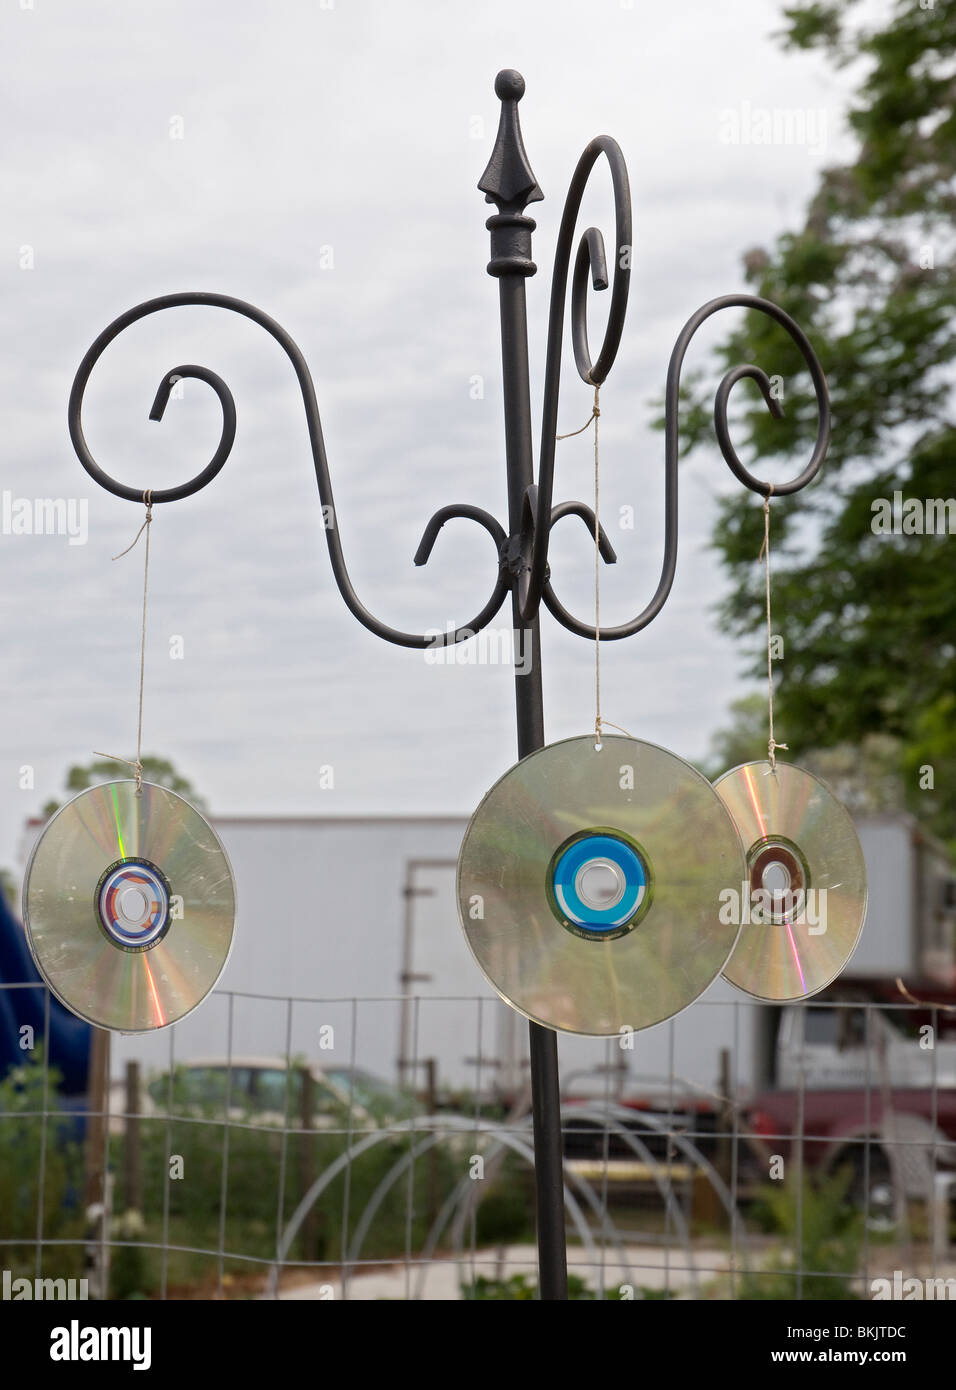 Los huertos comunitarios de alto Springs Florida cd urbano espantapájaros para pájaros descarriados Foto de stock